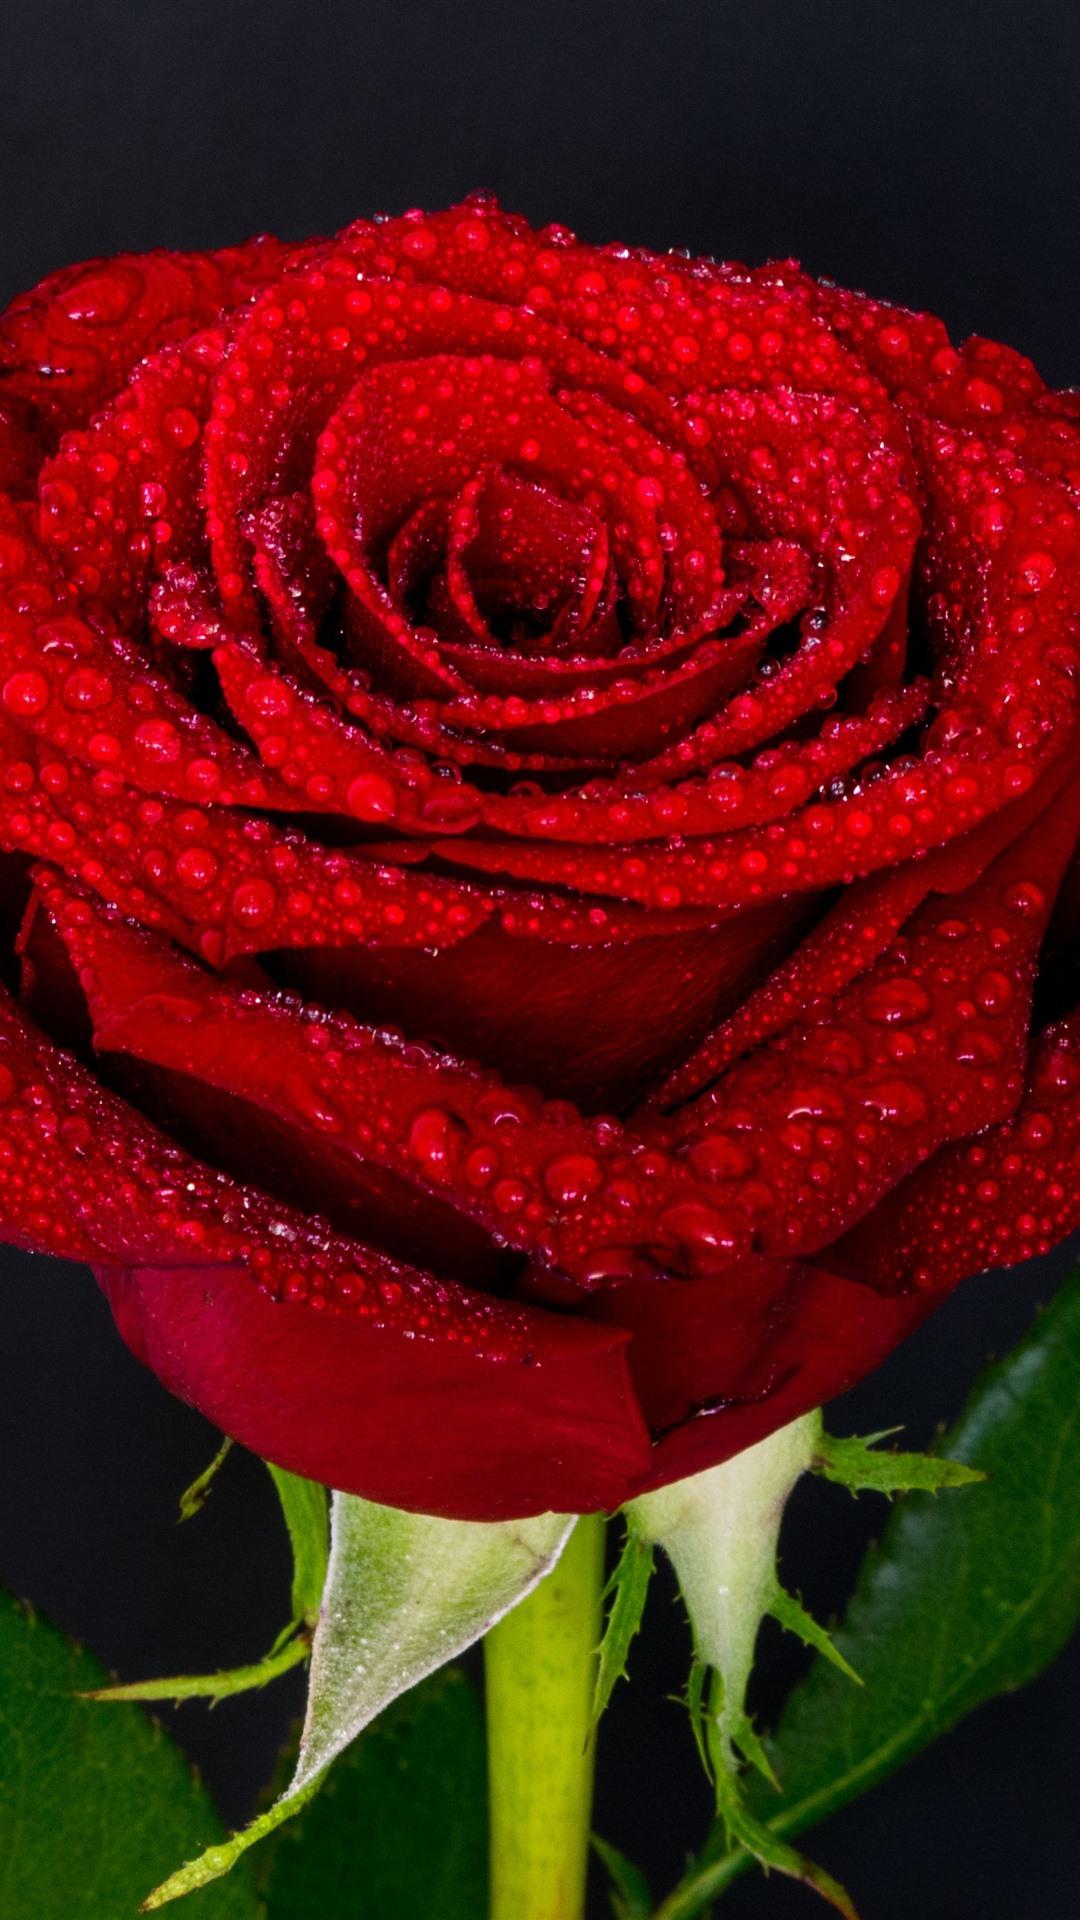 Wallpaper red rose petals water droplets 3840x2160 uhd - Red rose petals wallpaper ...